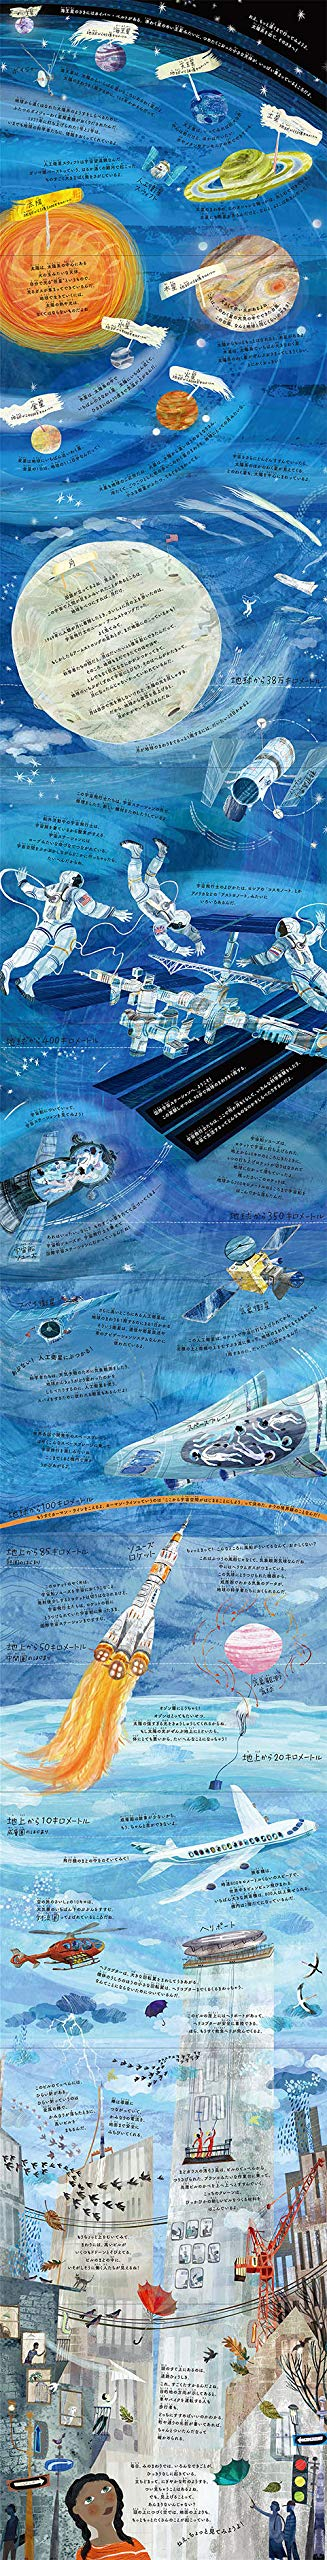 絵本「空の上には、何があるの?」の一コマ4